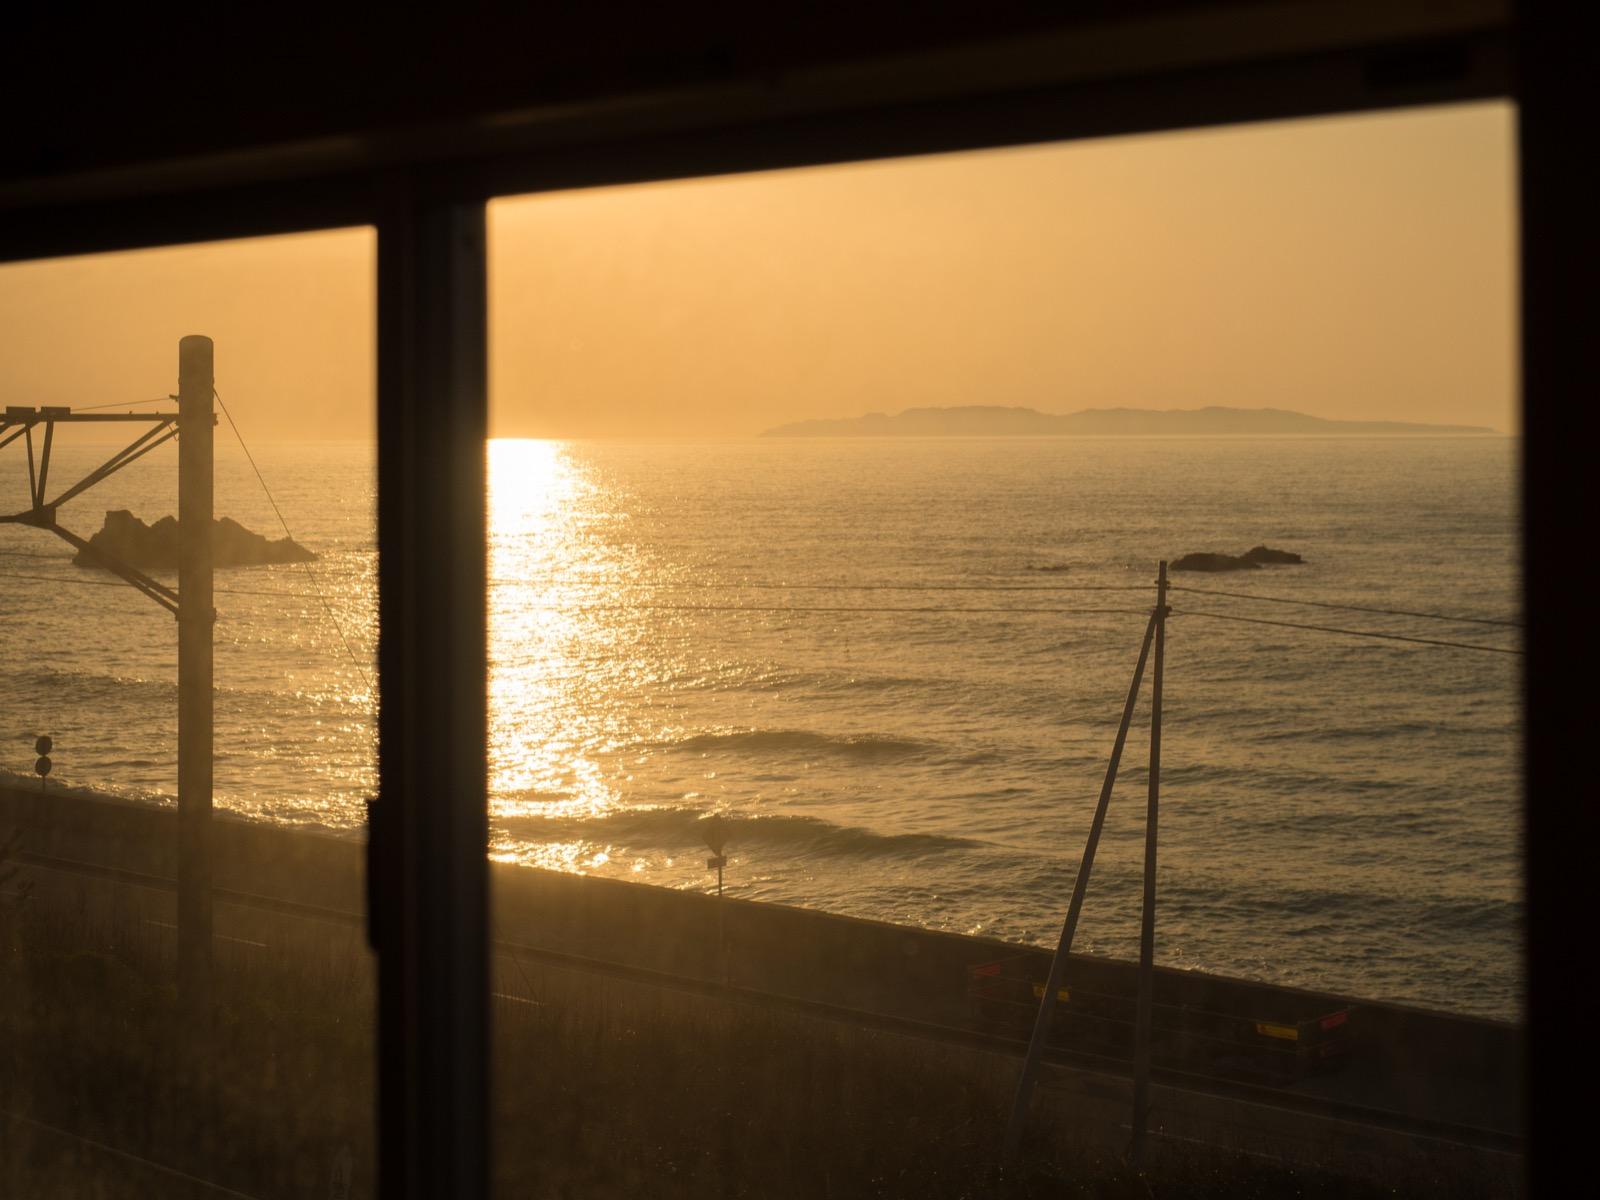 越後寒川駅の跨線橋から見た日本海と粟島